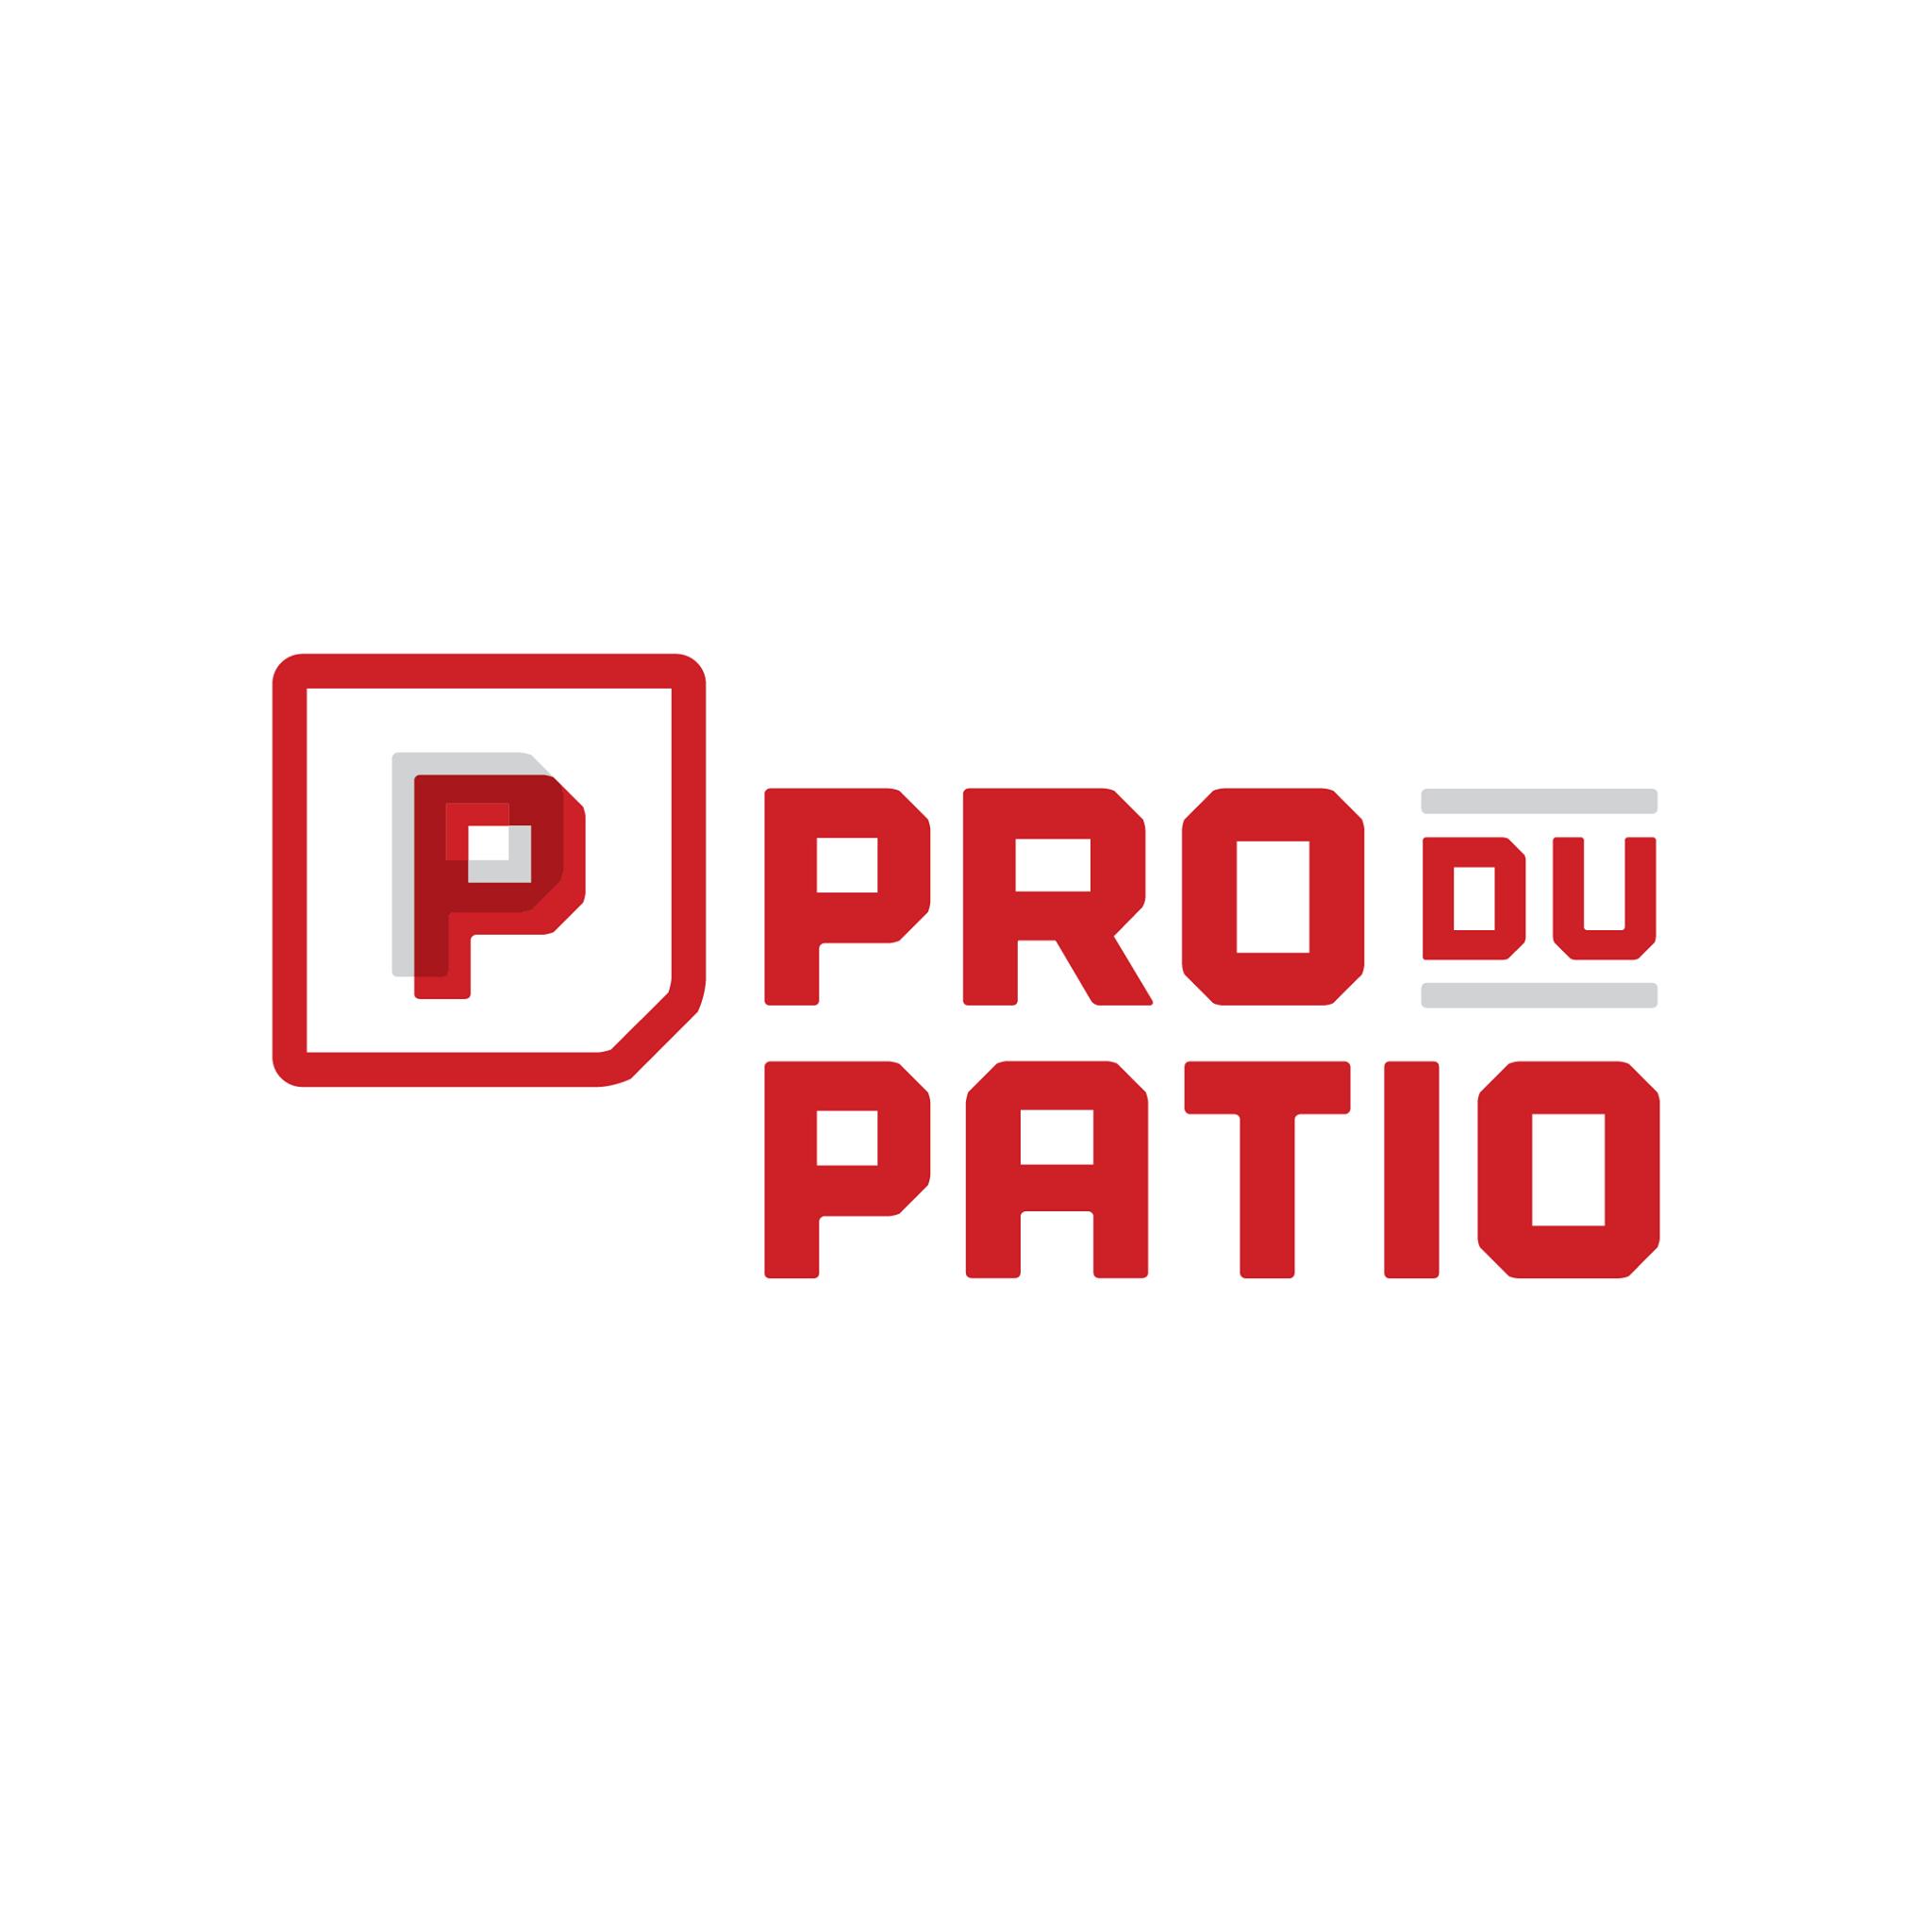 Pro Du Patio - Promotions & Rabais